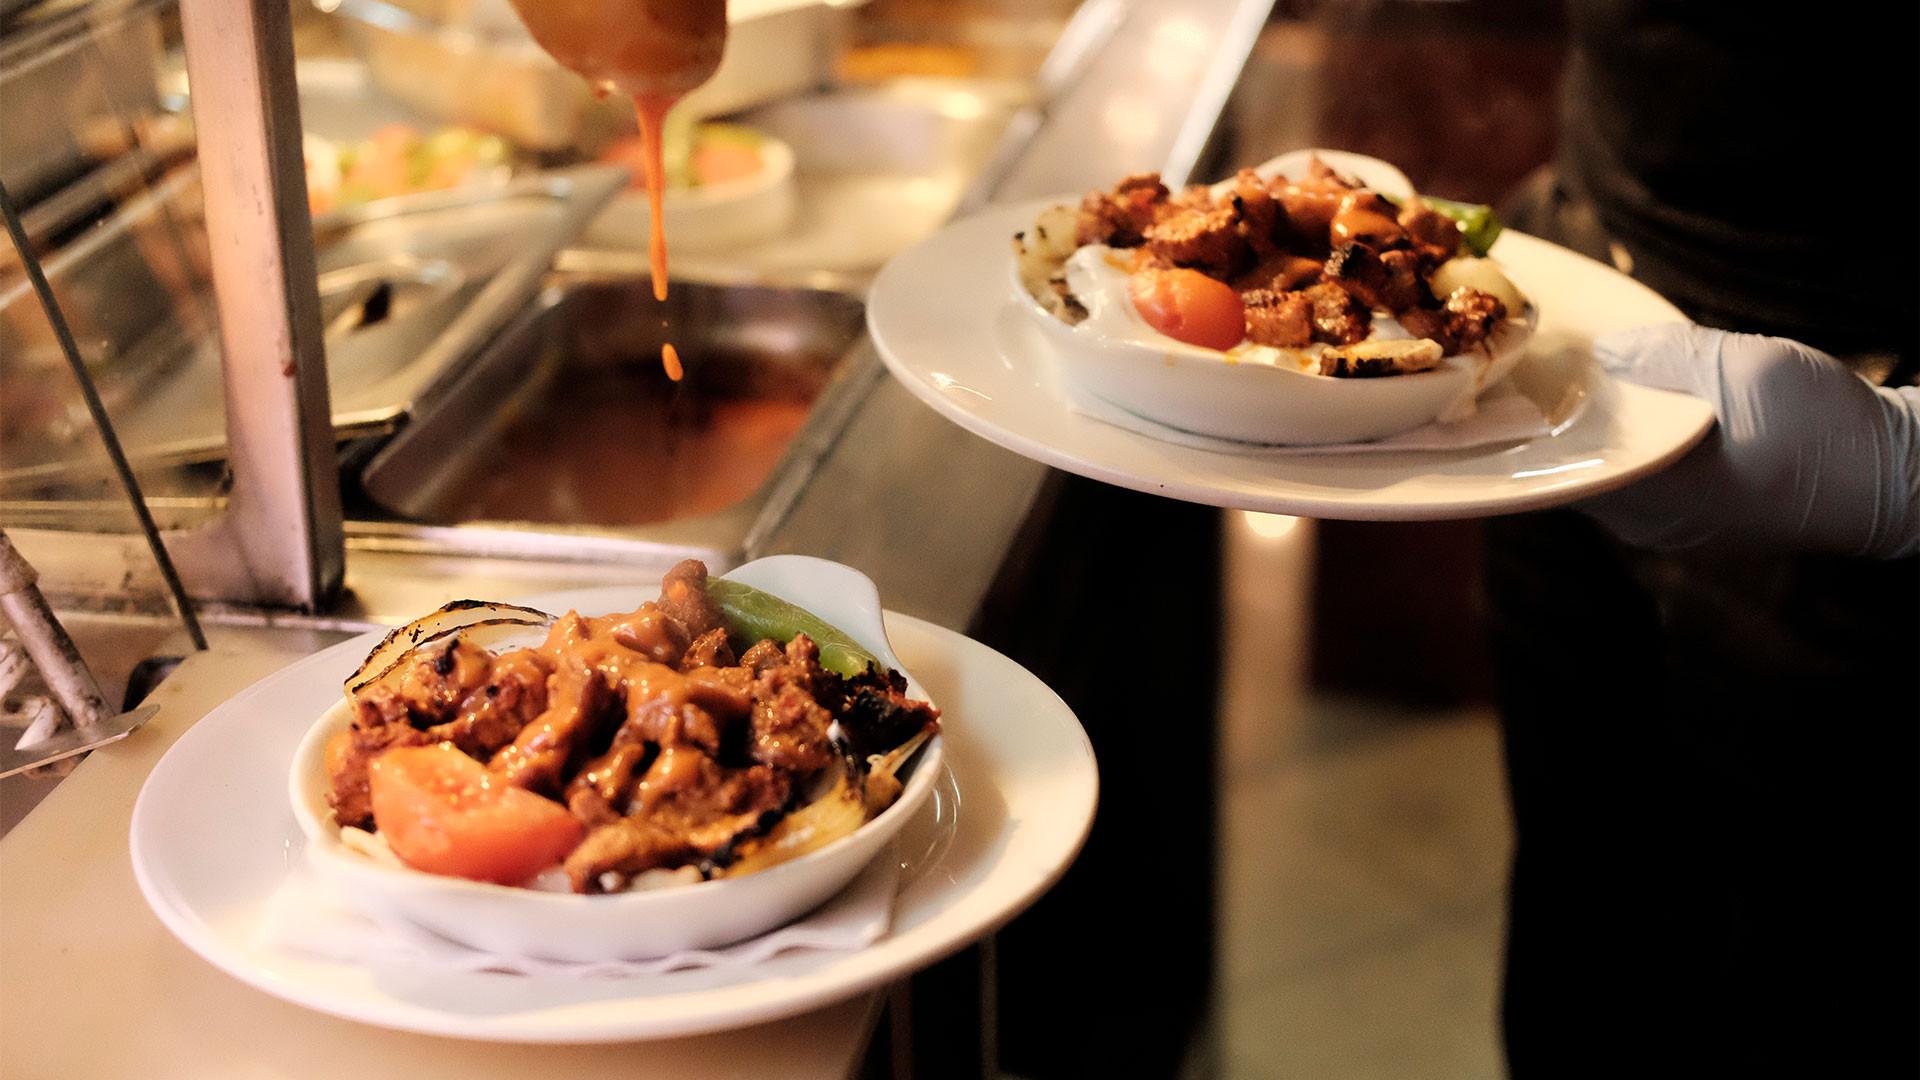 Dishes at Mangal 2